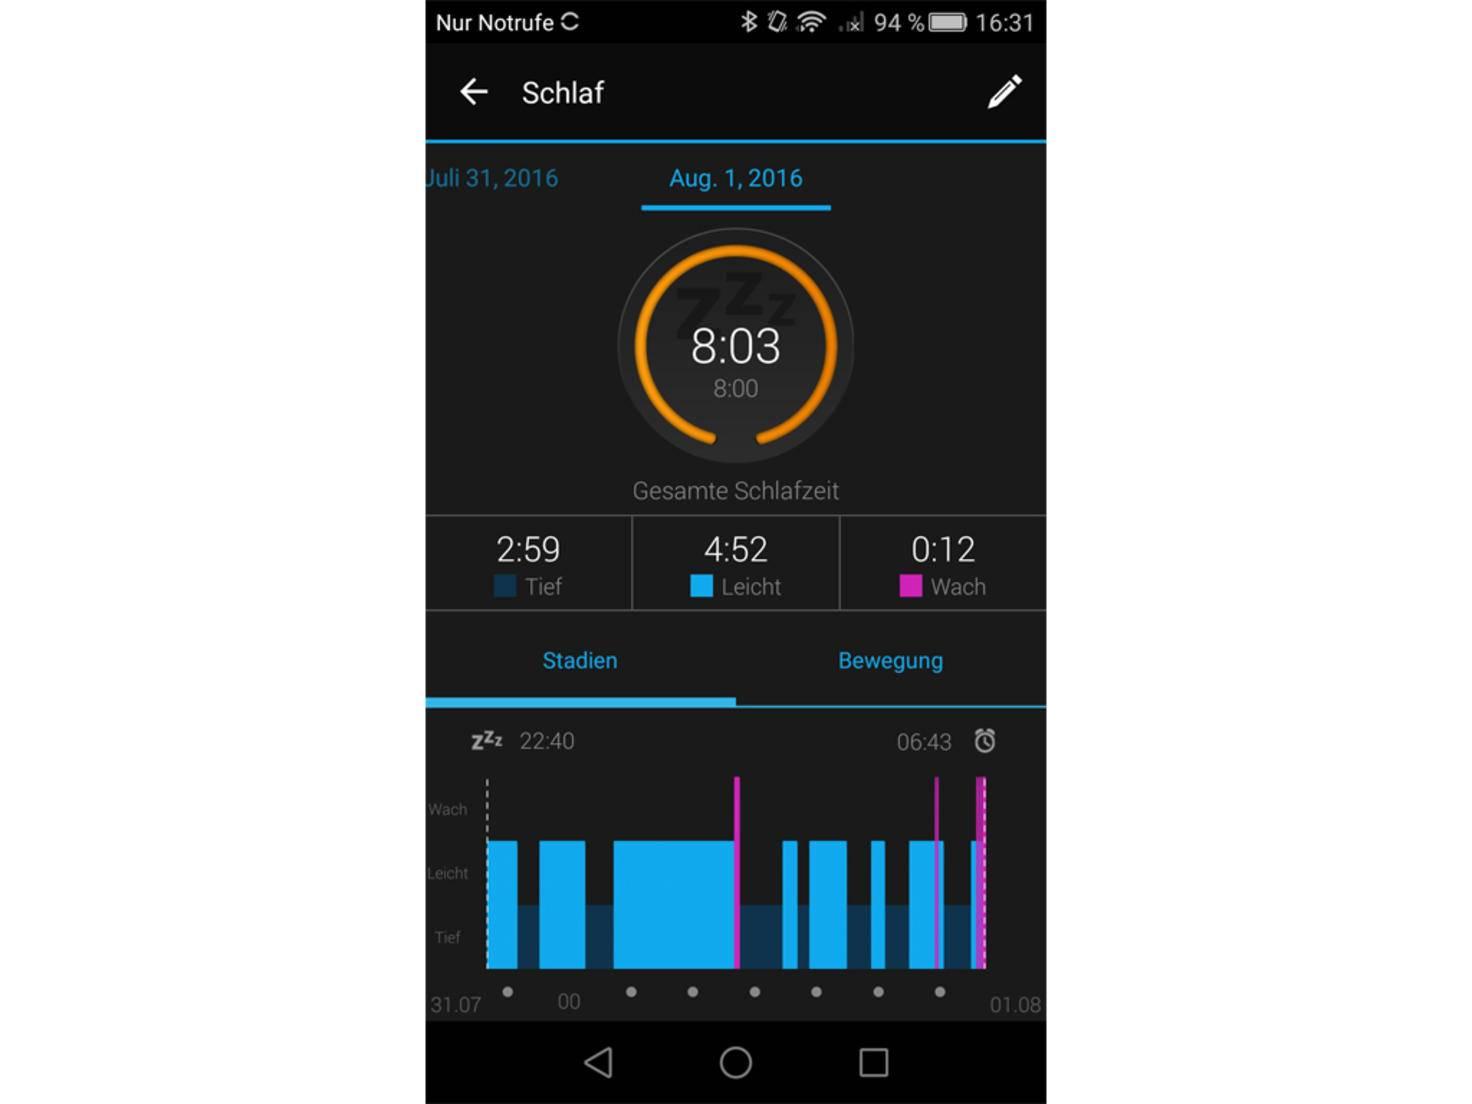 Die Schlafüberwachung beherrschen andere Wearables besser.